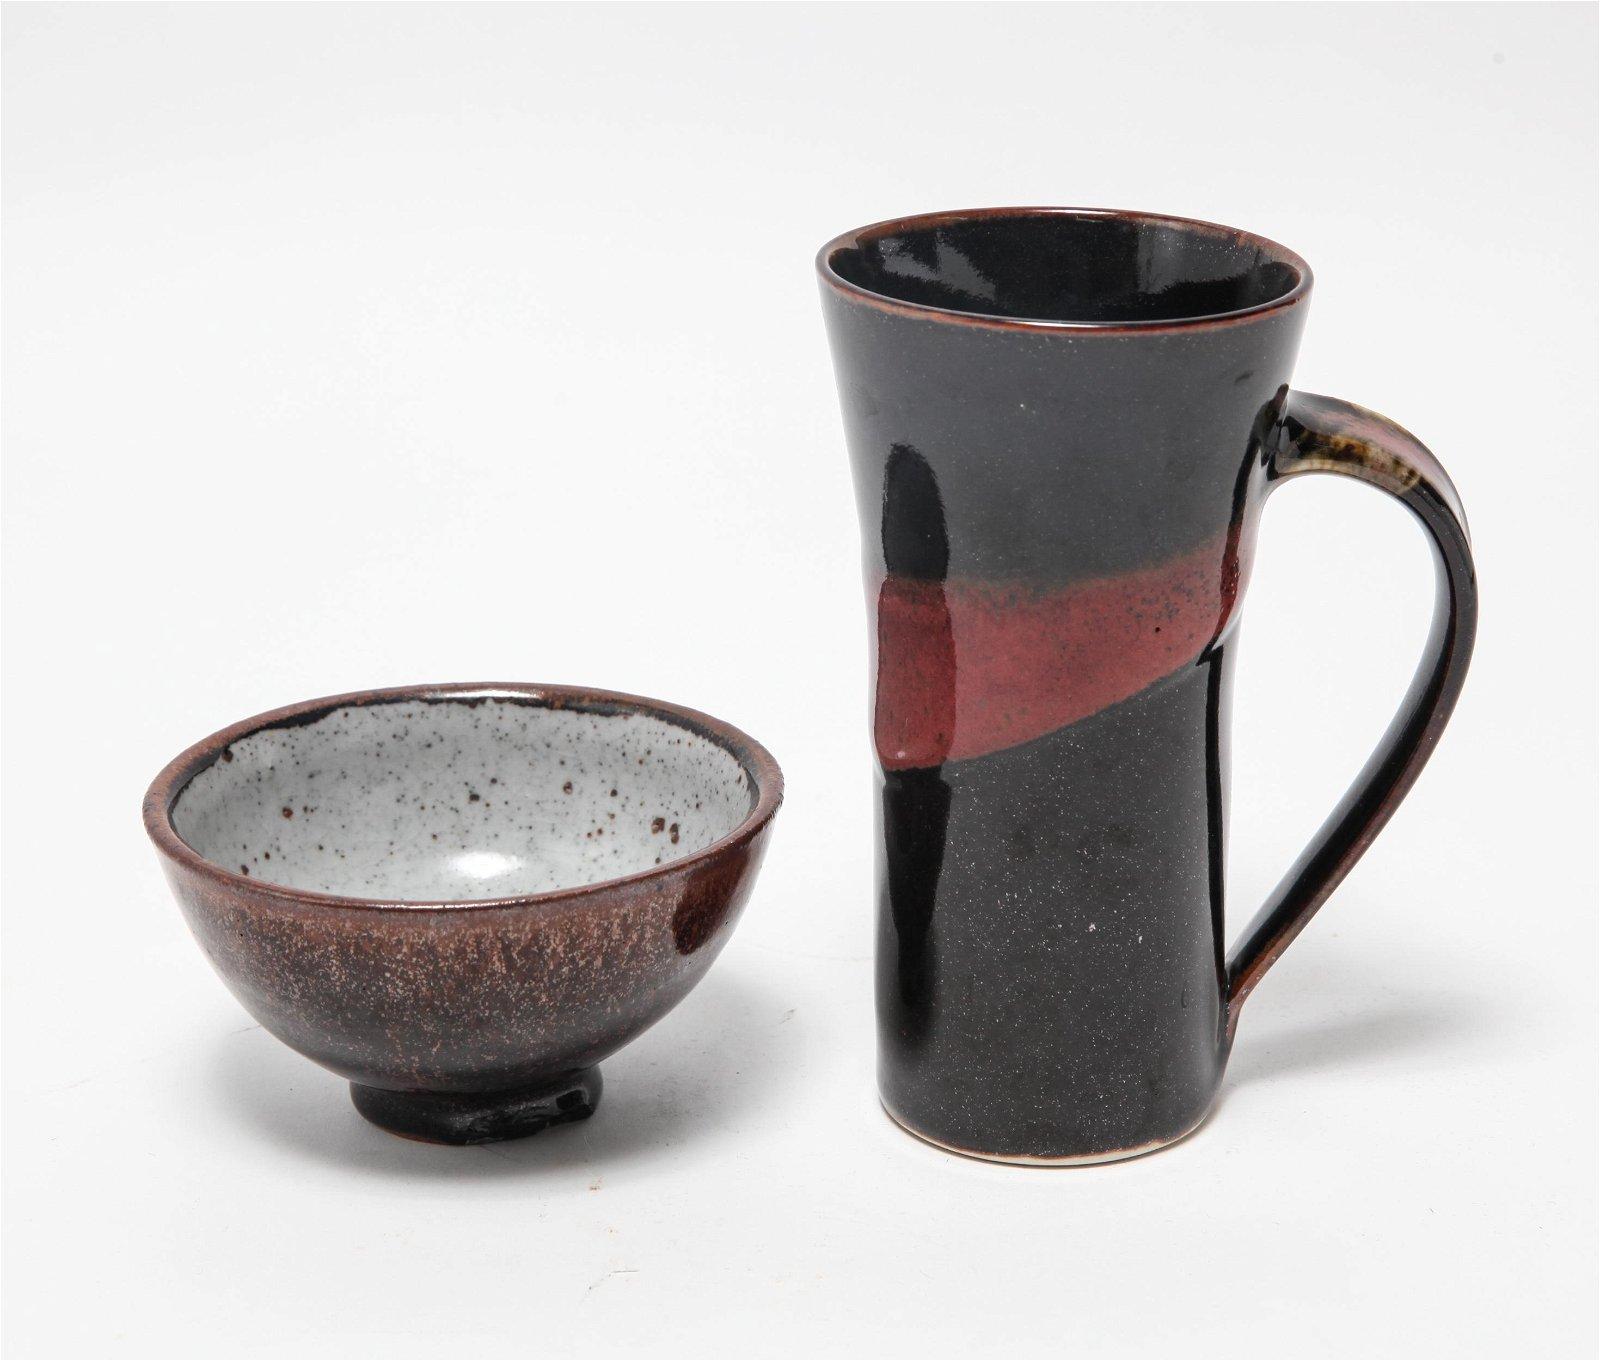 Illegibly Signed Art Studio Pottery Mug & Bowl, 2